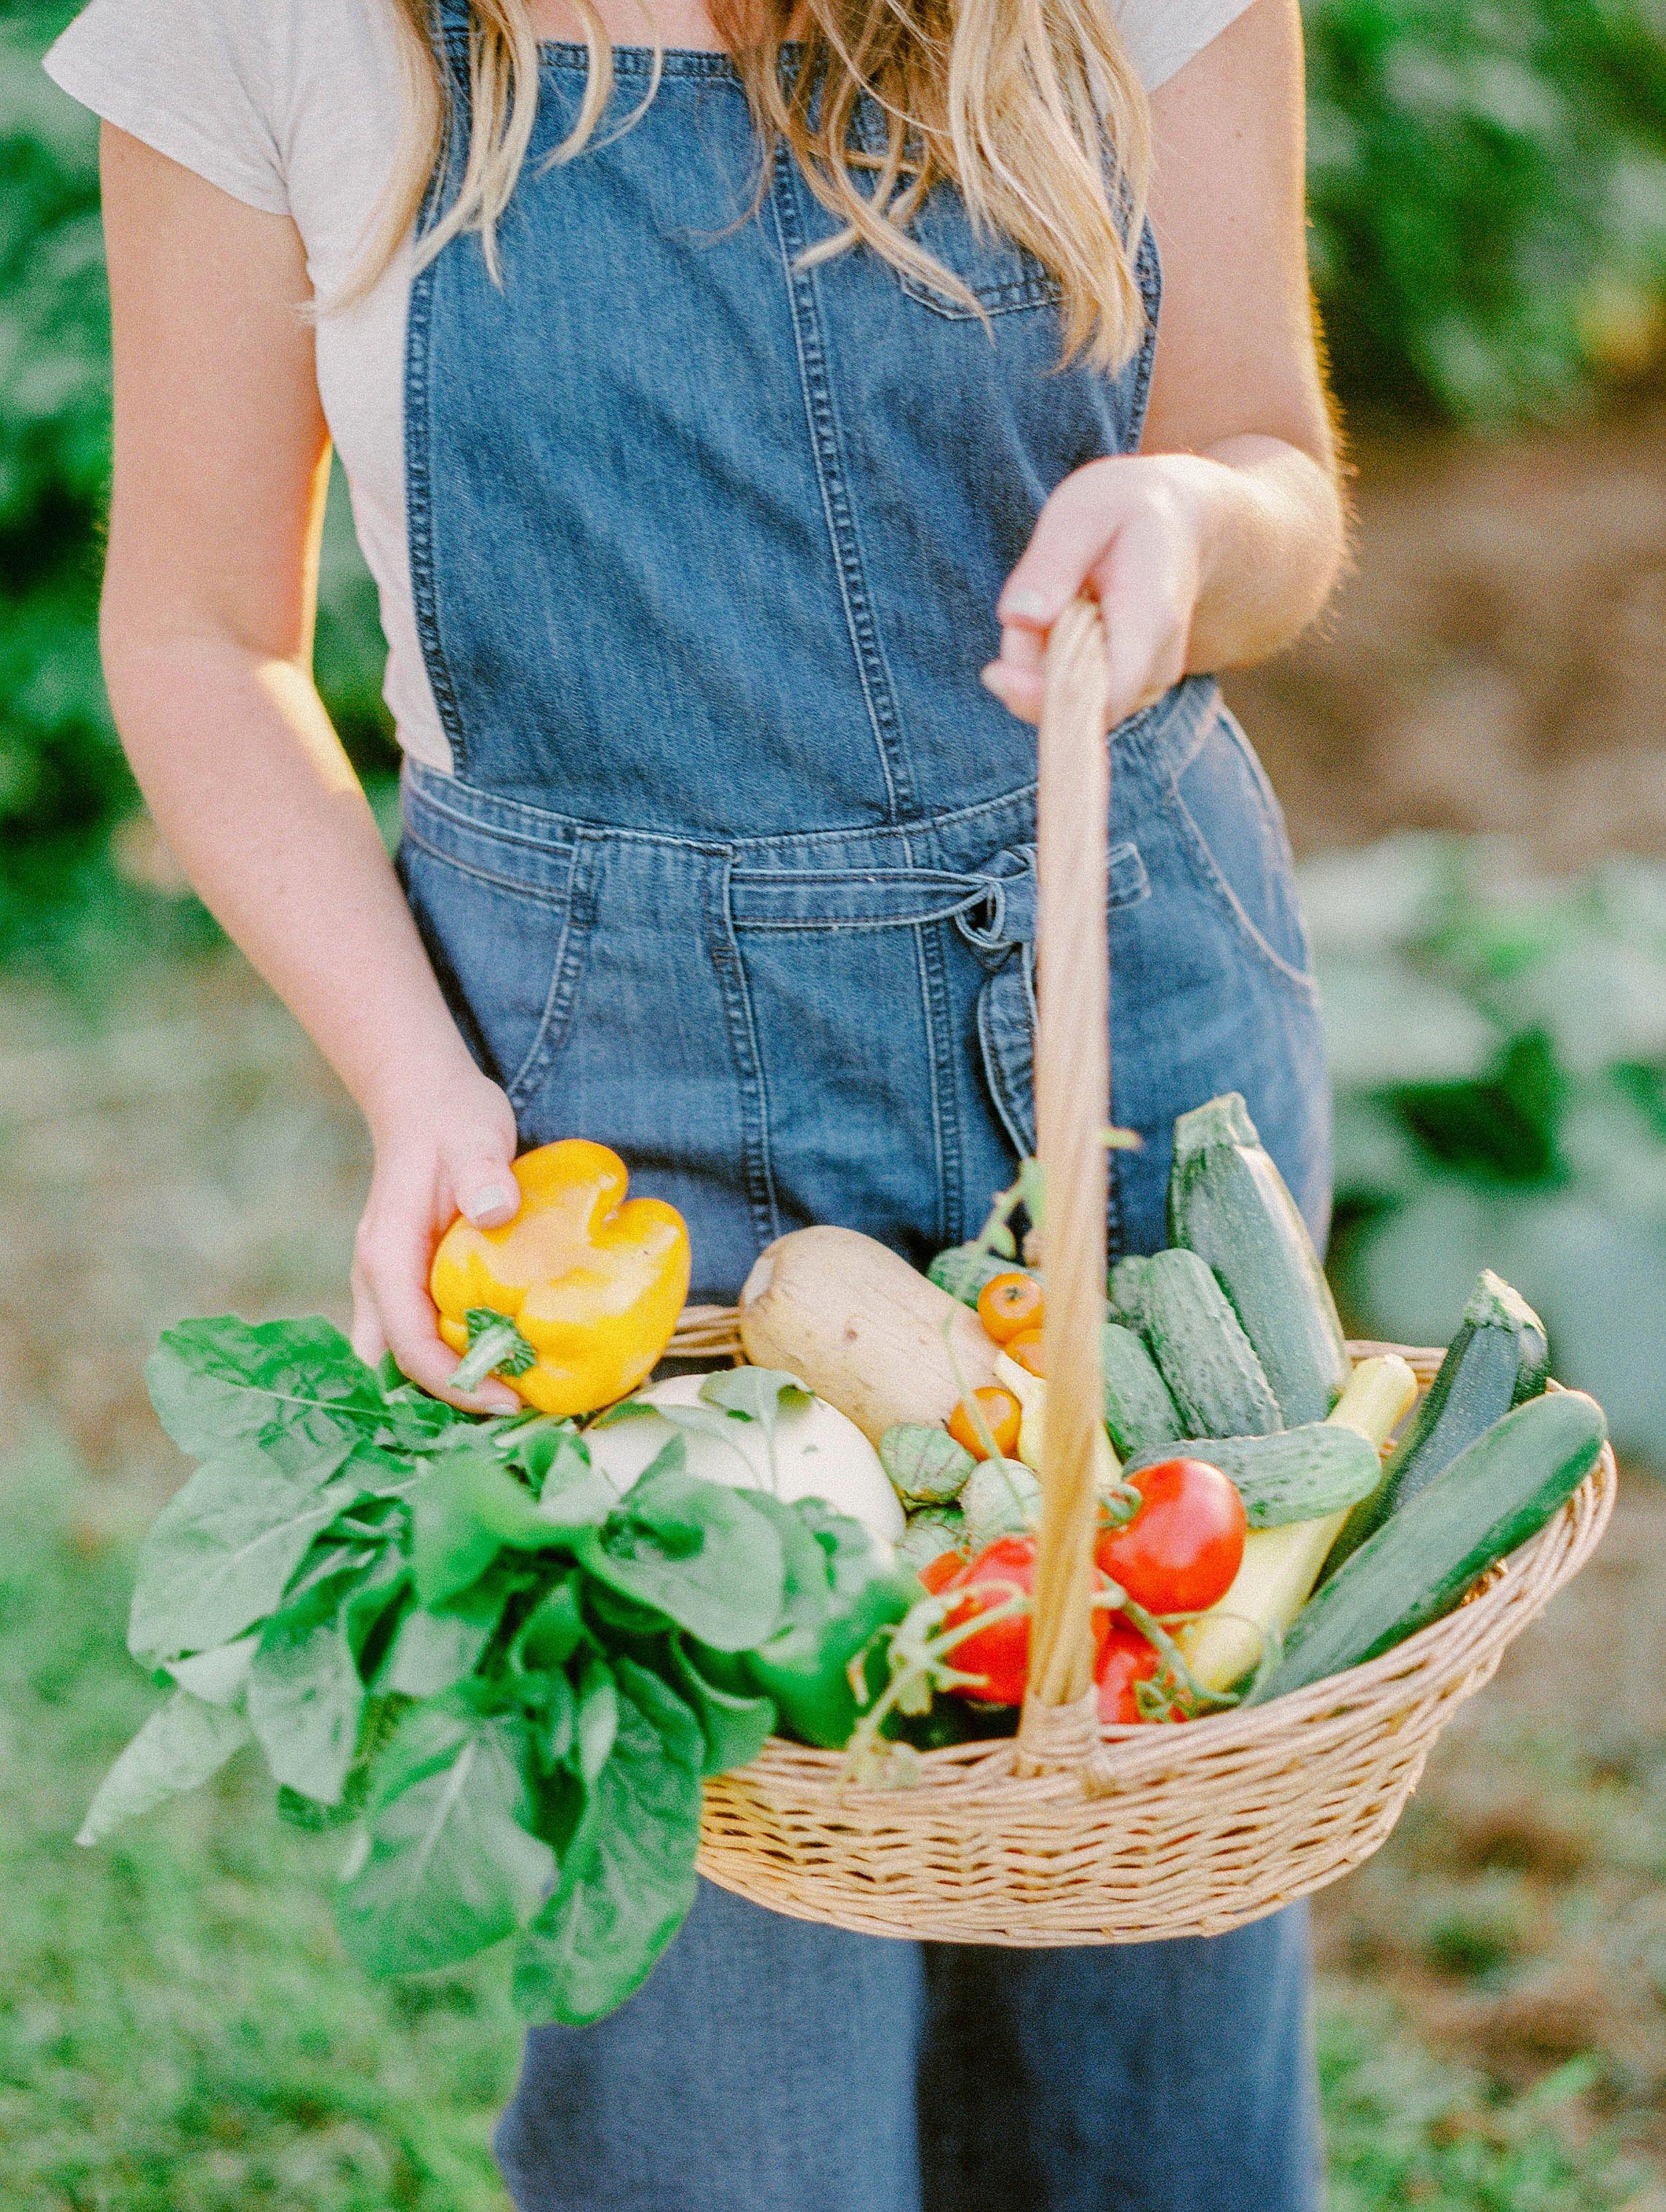 vegetablegardenmorganworley_0017.jpg